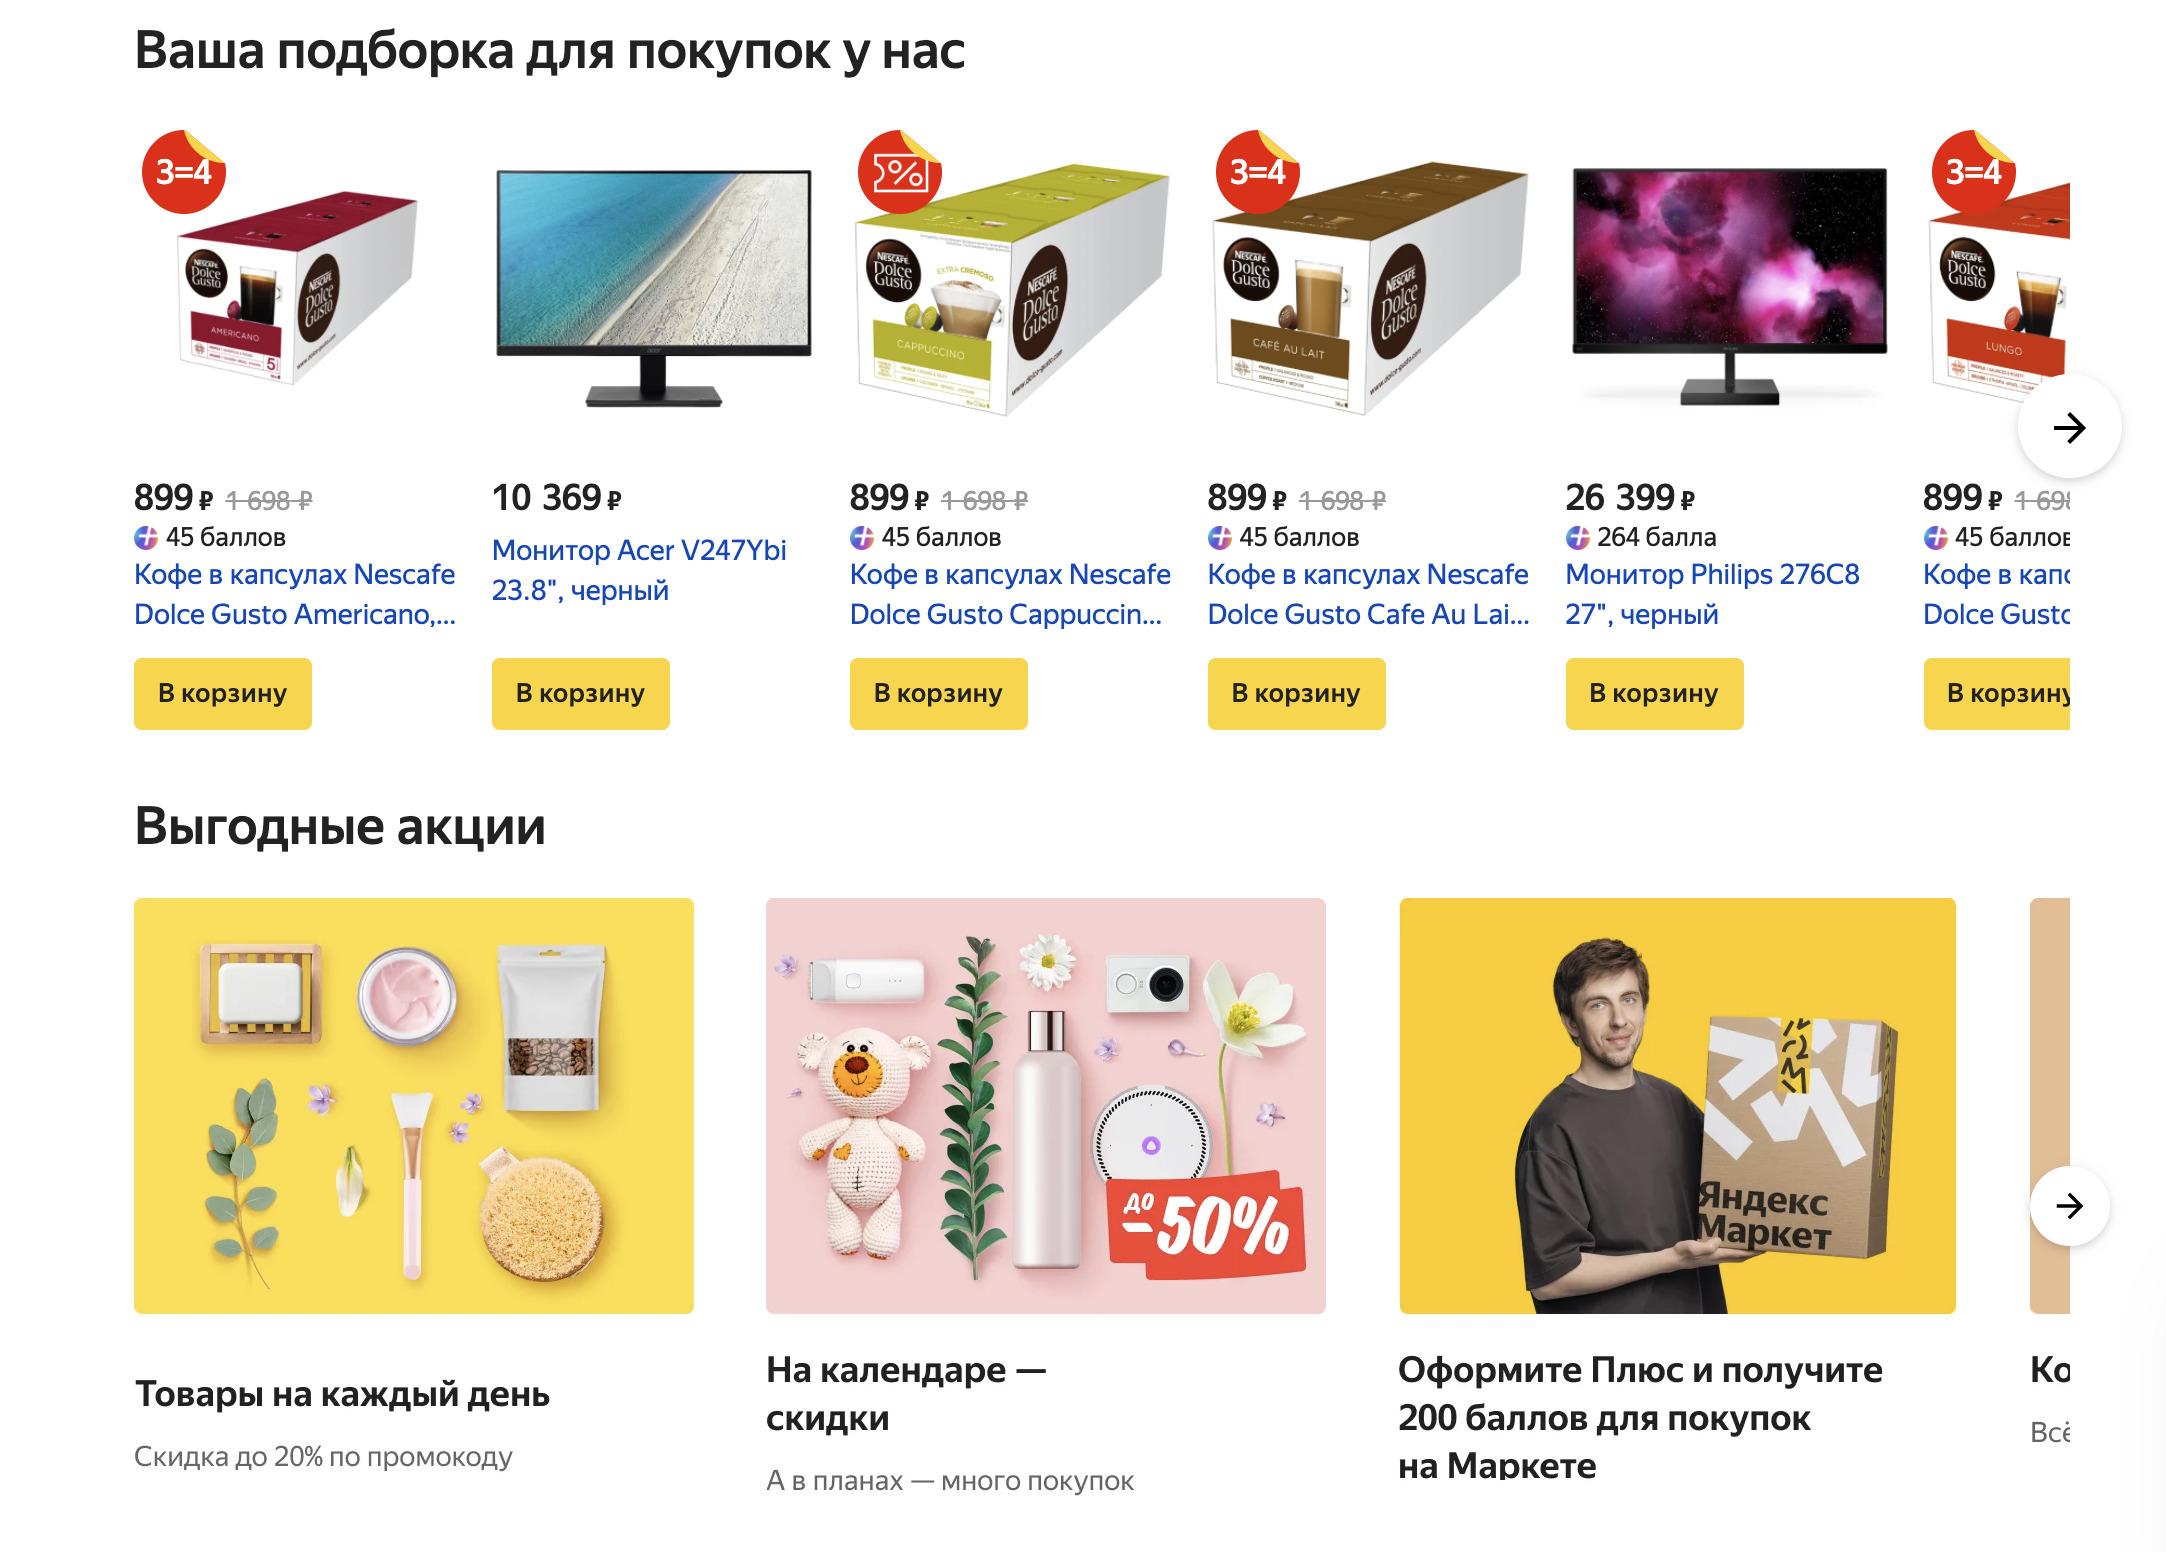 Доставка из Яндекс.Маркет в Туймазы, сроки, пункты выдачи, каталог